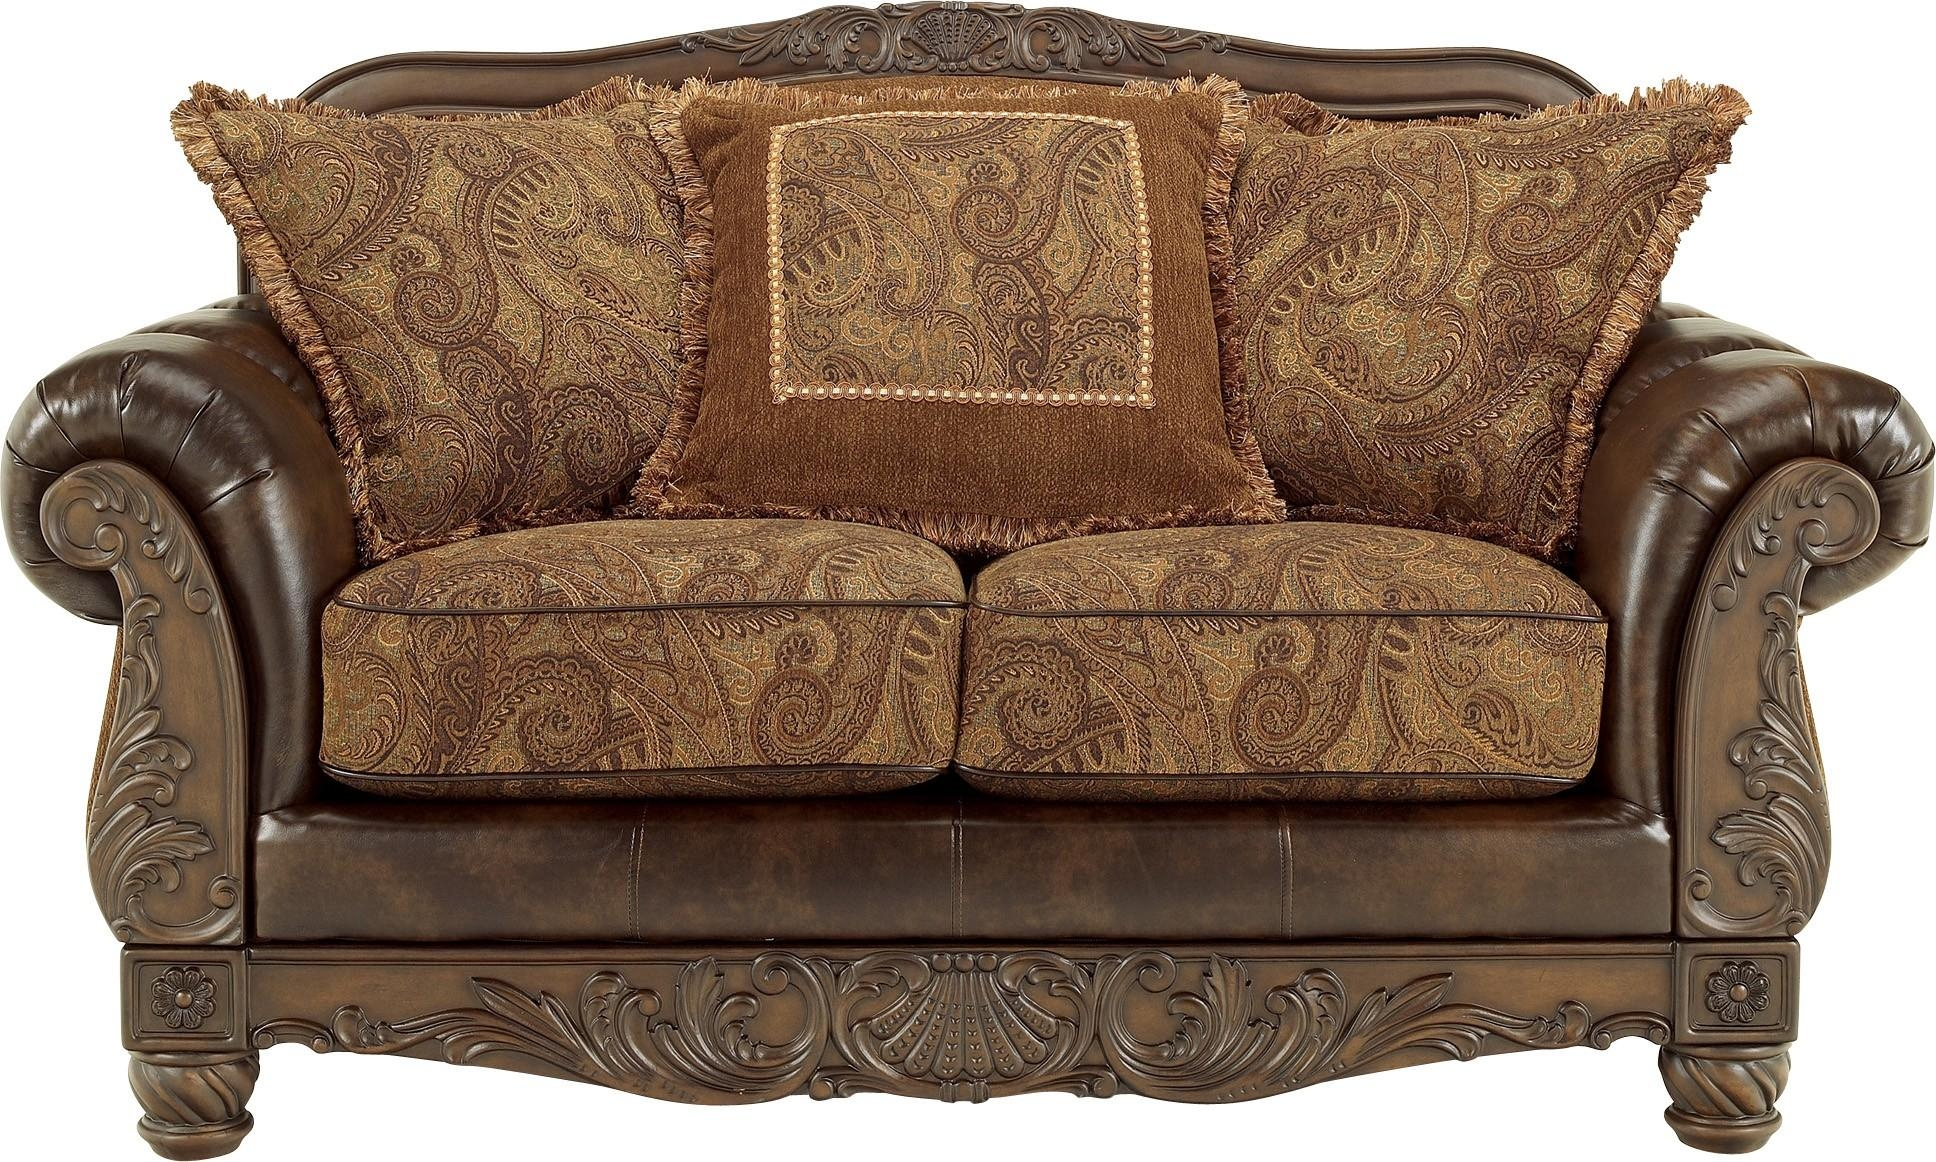 Fresco Durablend – Antique Loveseatashley Furniture Regarding Antique Sofa Chairs (Image 11 of 20)